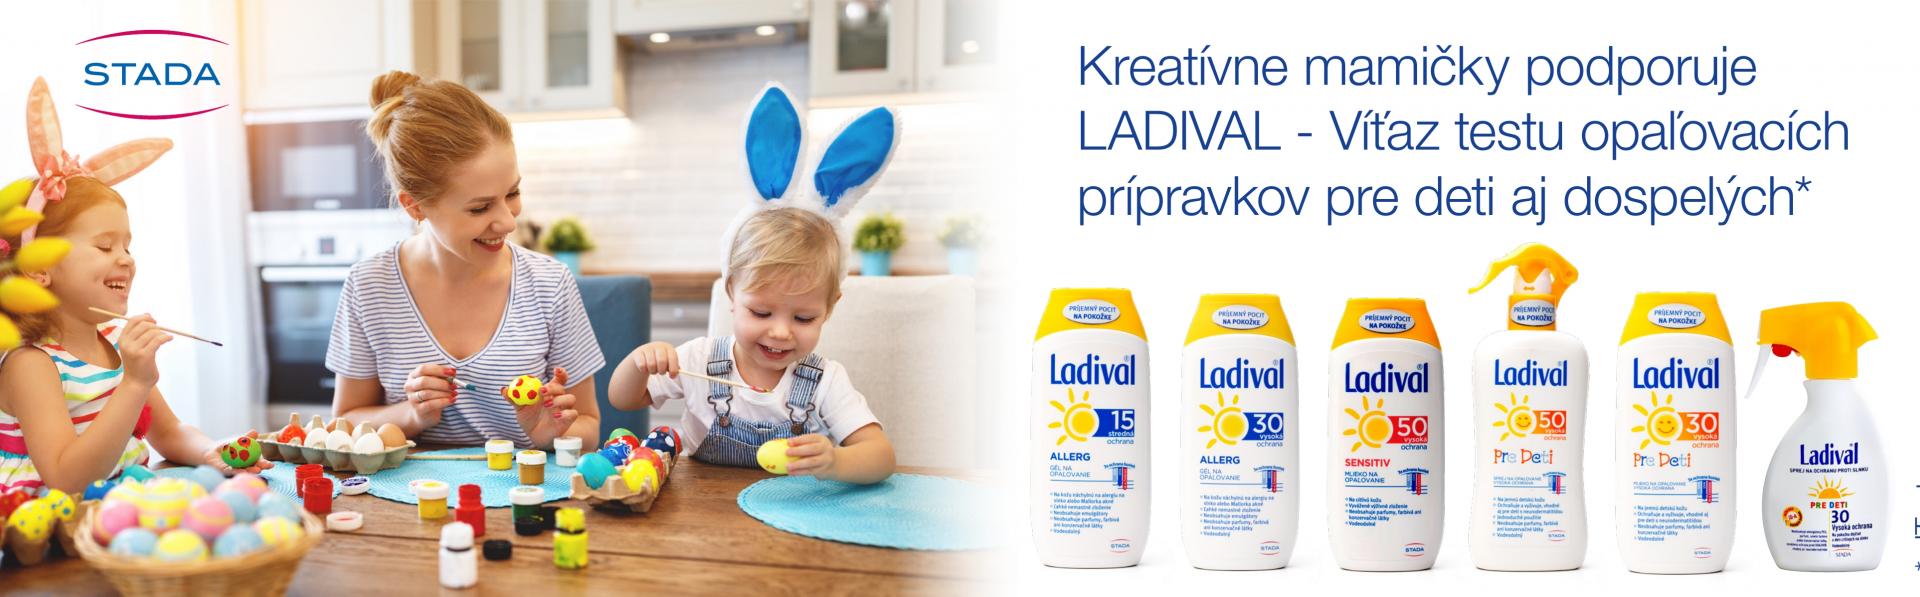 Ladival 2